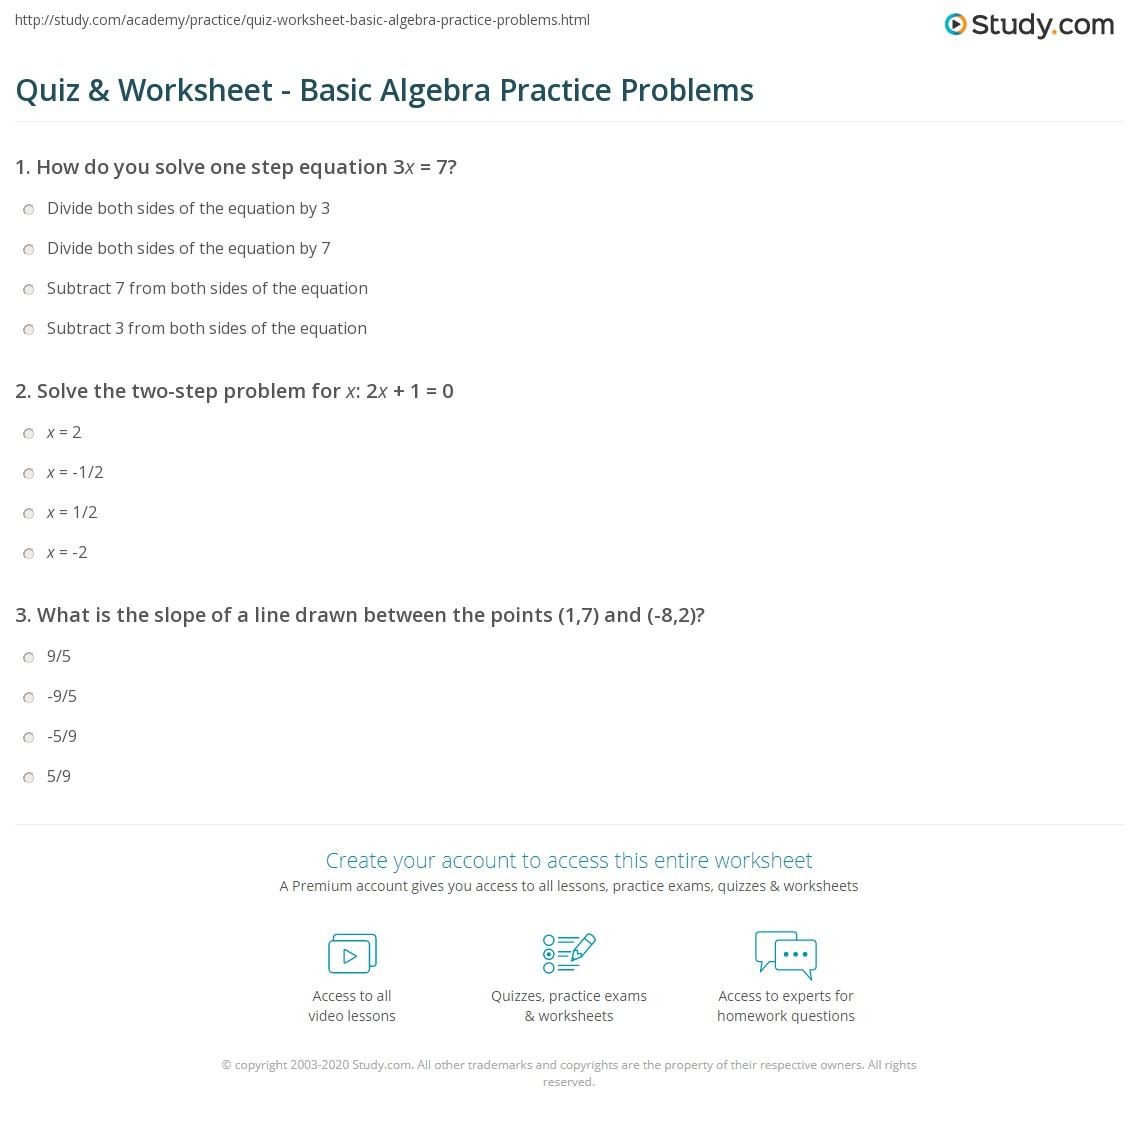 Quiz W Ksheet B Sic Lgebr Pr Ctice Problems Study